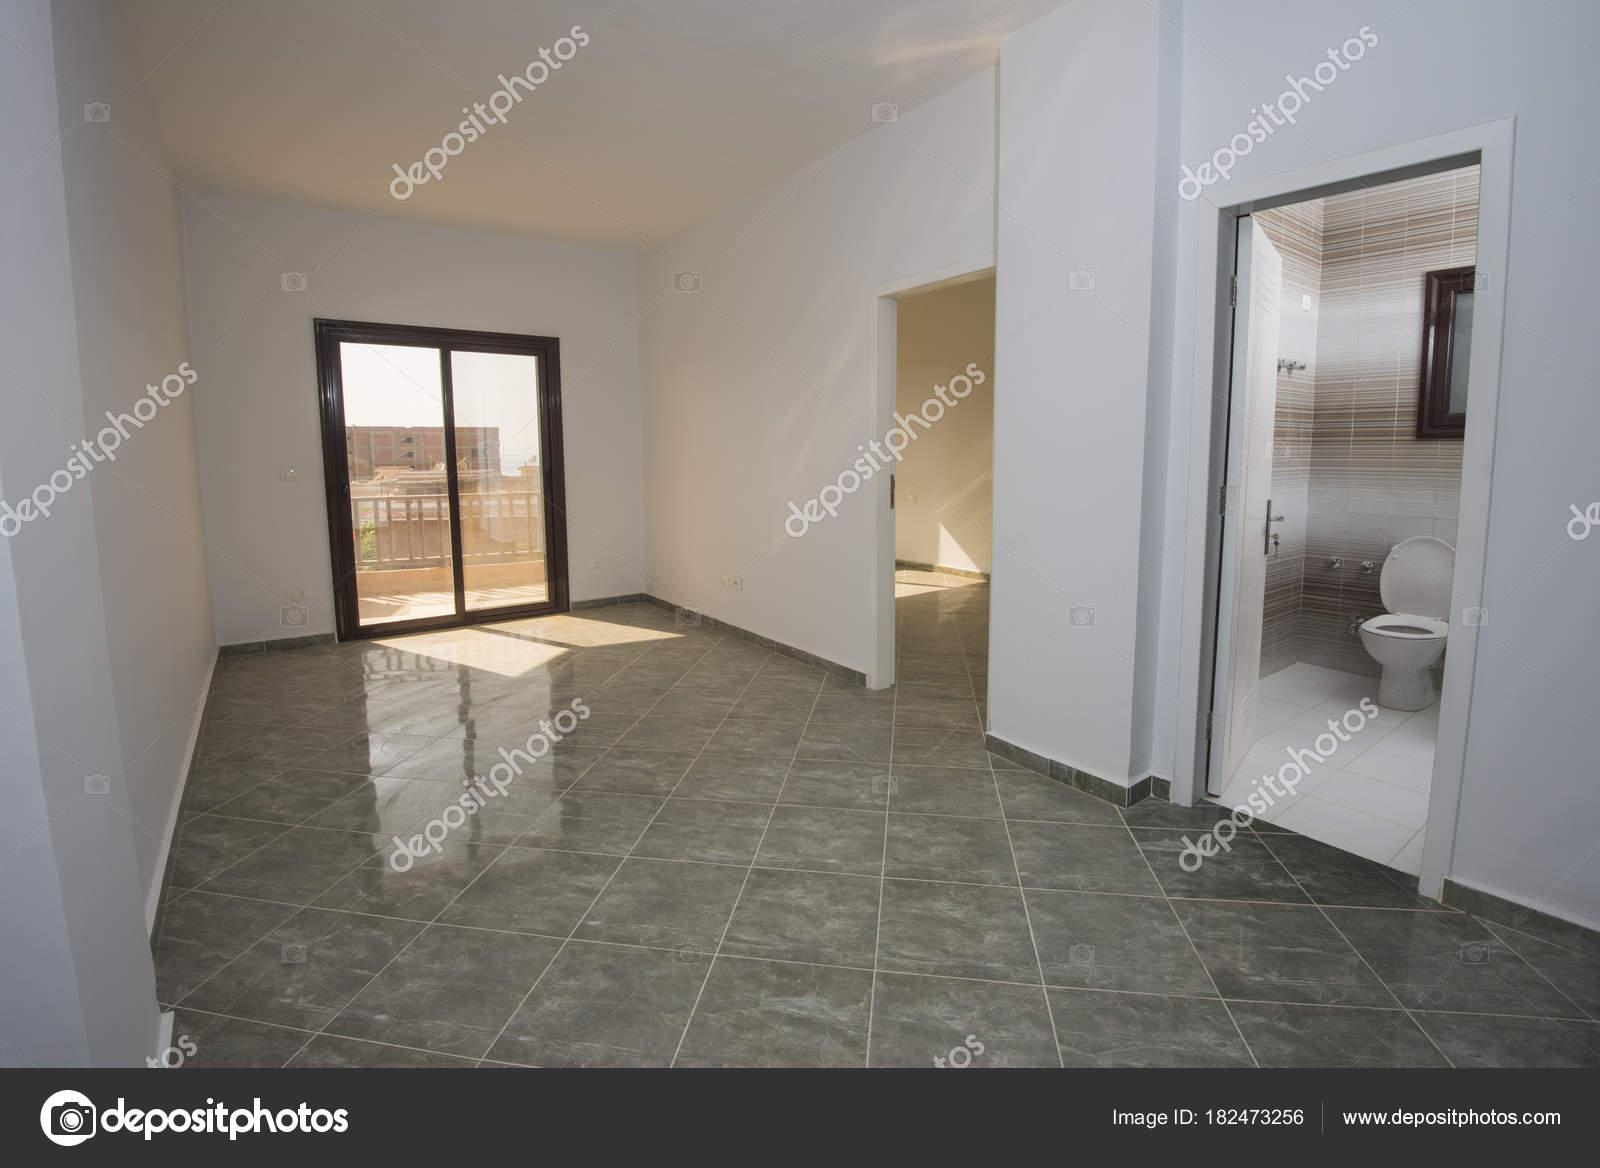 dcoration intrieure design de luxe moderne voir inachev vide la maison appartement image de paulvinten